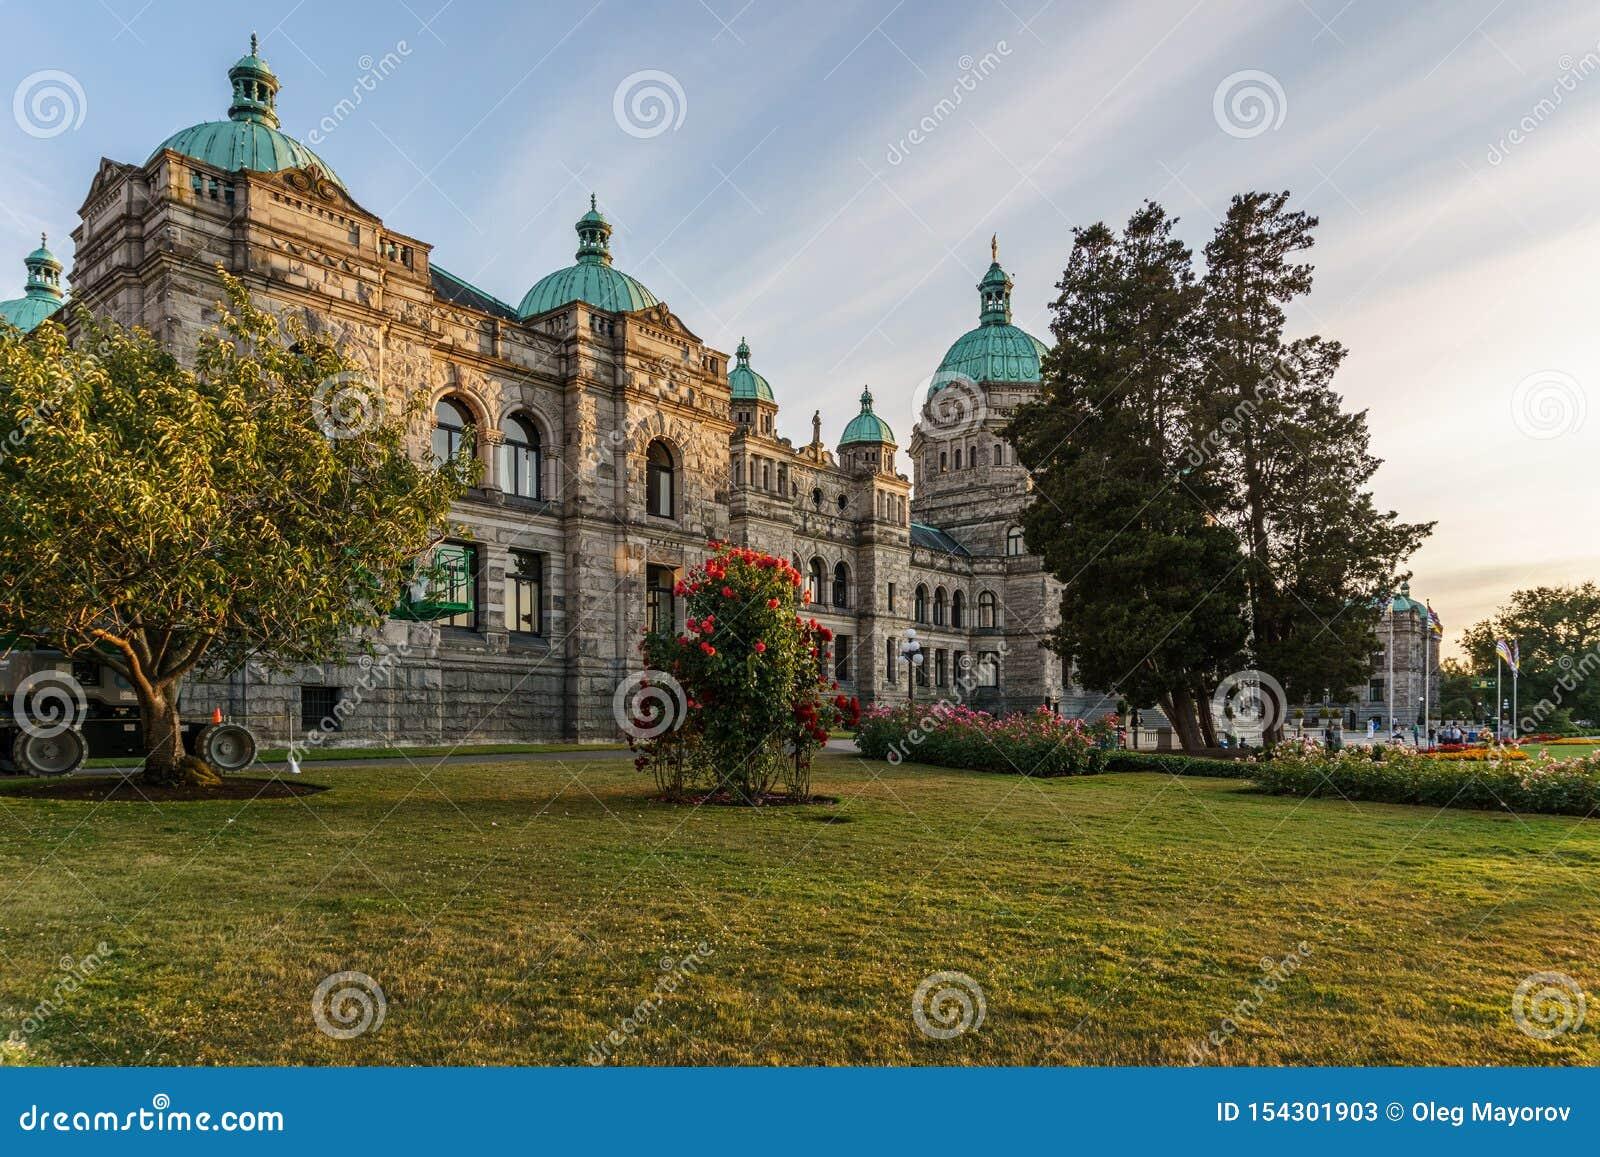 VICTORIA, CANADA - JULI 13, 2019: Parlementsgebouw in het historische stadscentrum van Victoria en reisbestemming